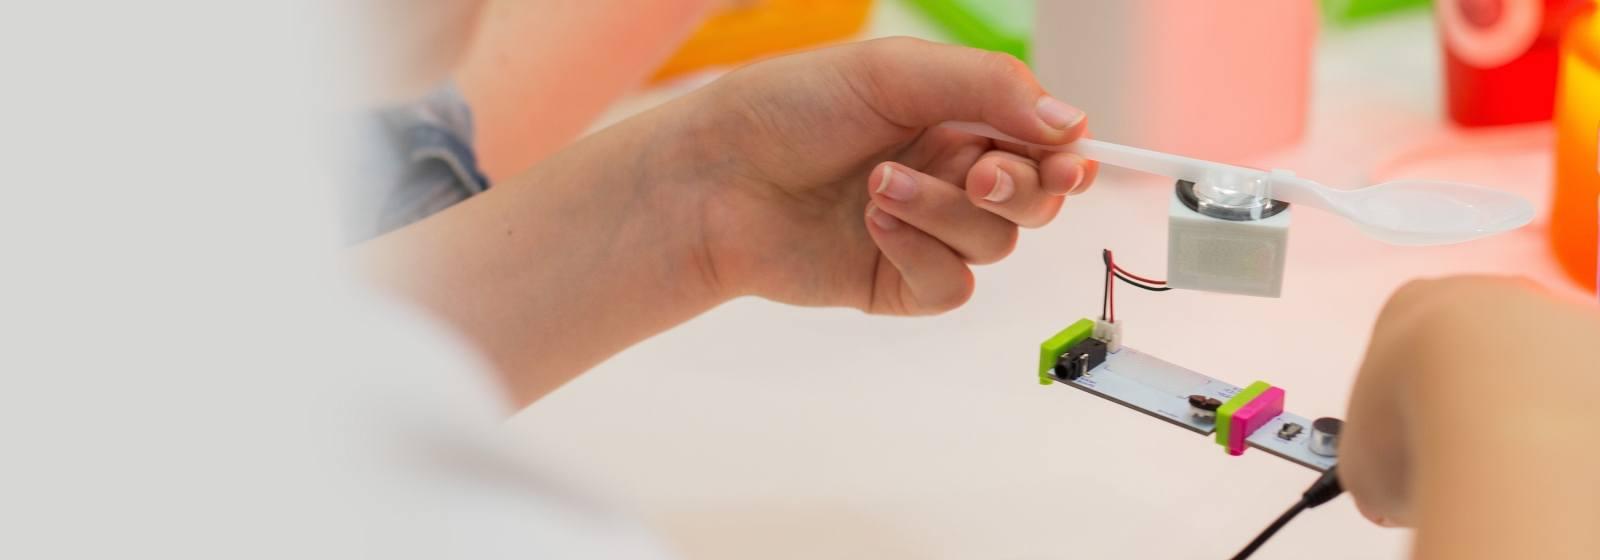 LittleBits experiment